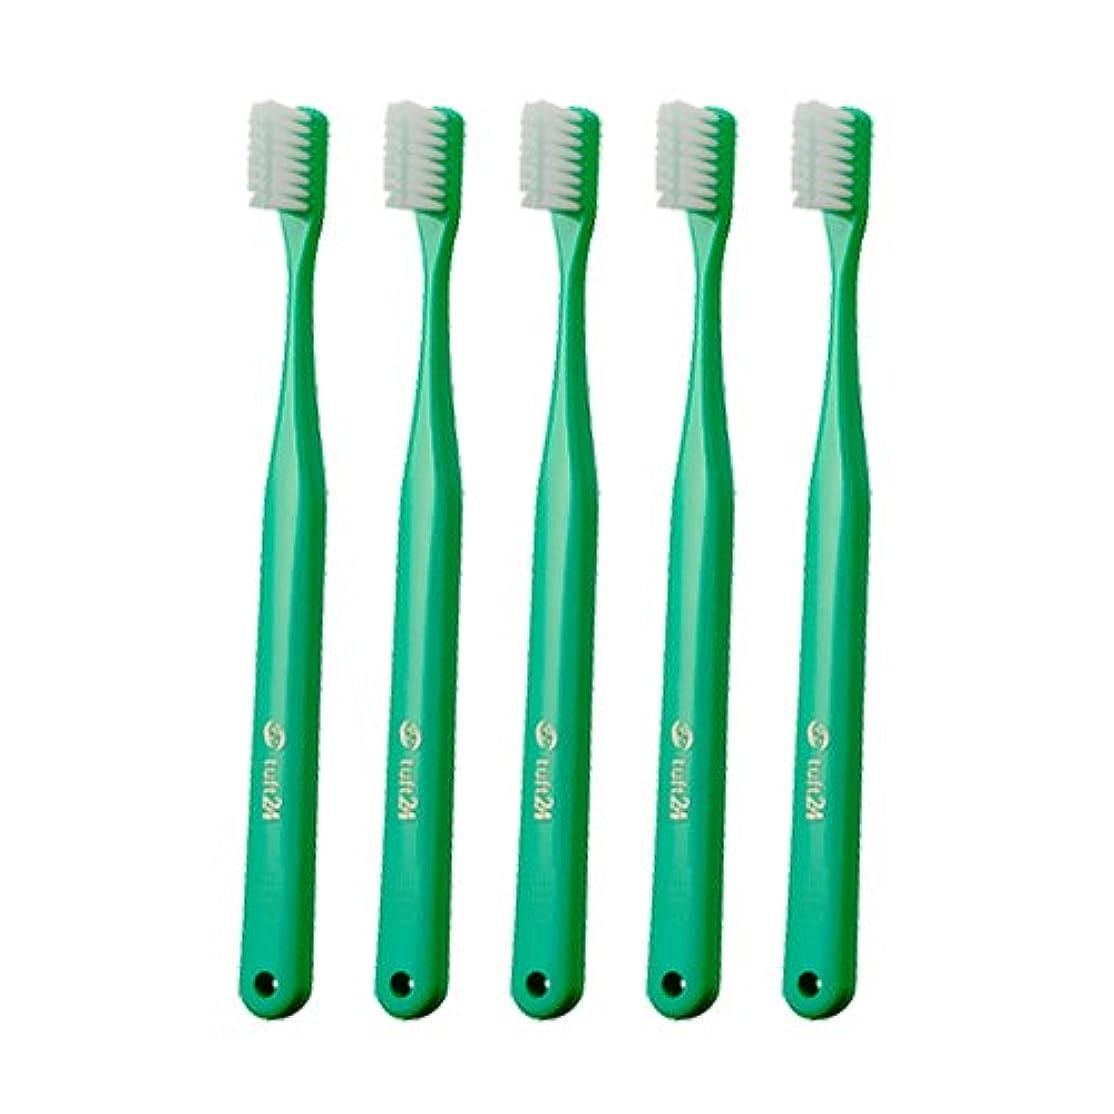 発表暫定のタイトルオーラルケア タフト24 歯ブラシ MSキャップなし 25本入 グリーン